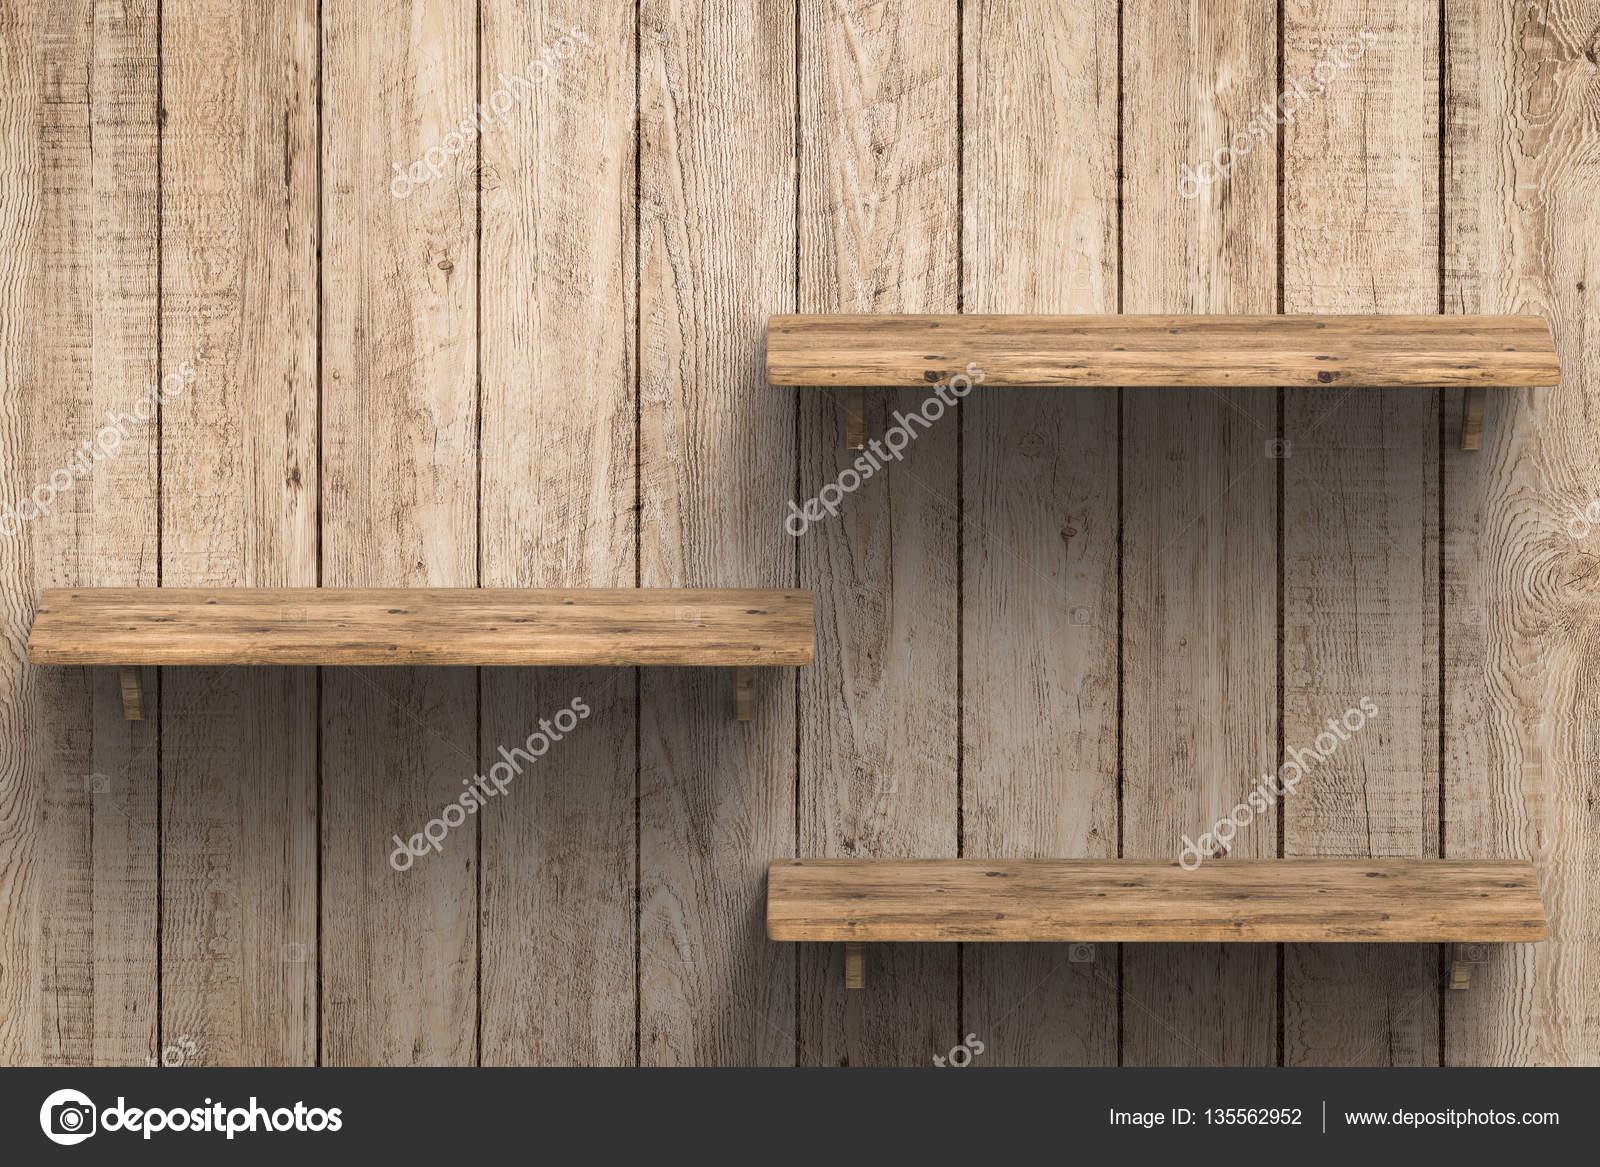 Houten Planken Aan De Muur.3 Houten Planken Op Muur Stockfoto C Phonlamai 135562952